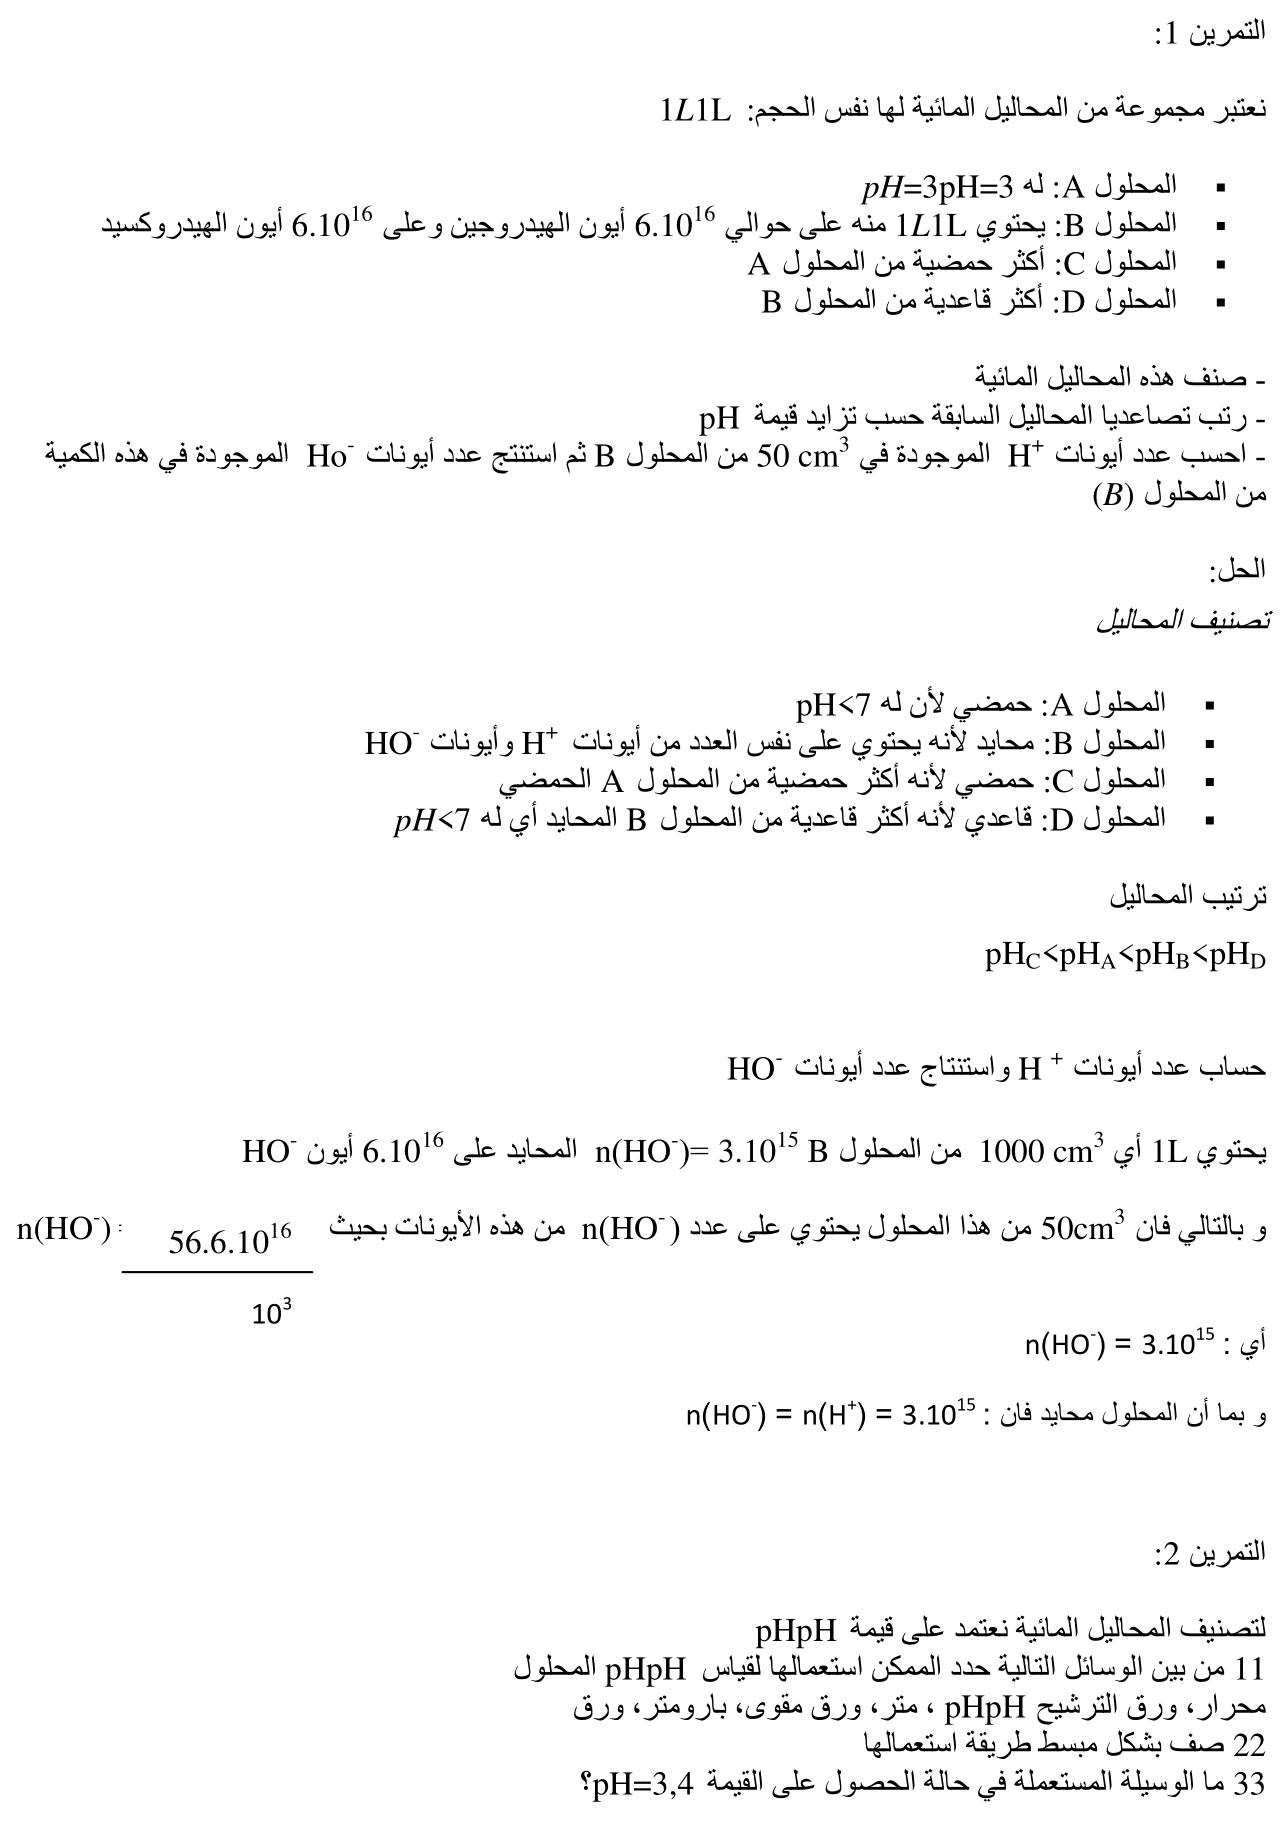 تفاعلات بعض المواد مع المحاليل تمارين وحلول